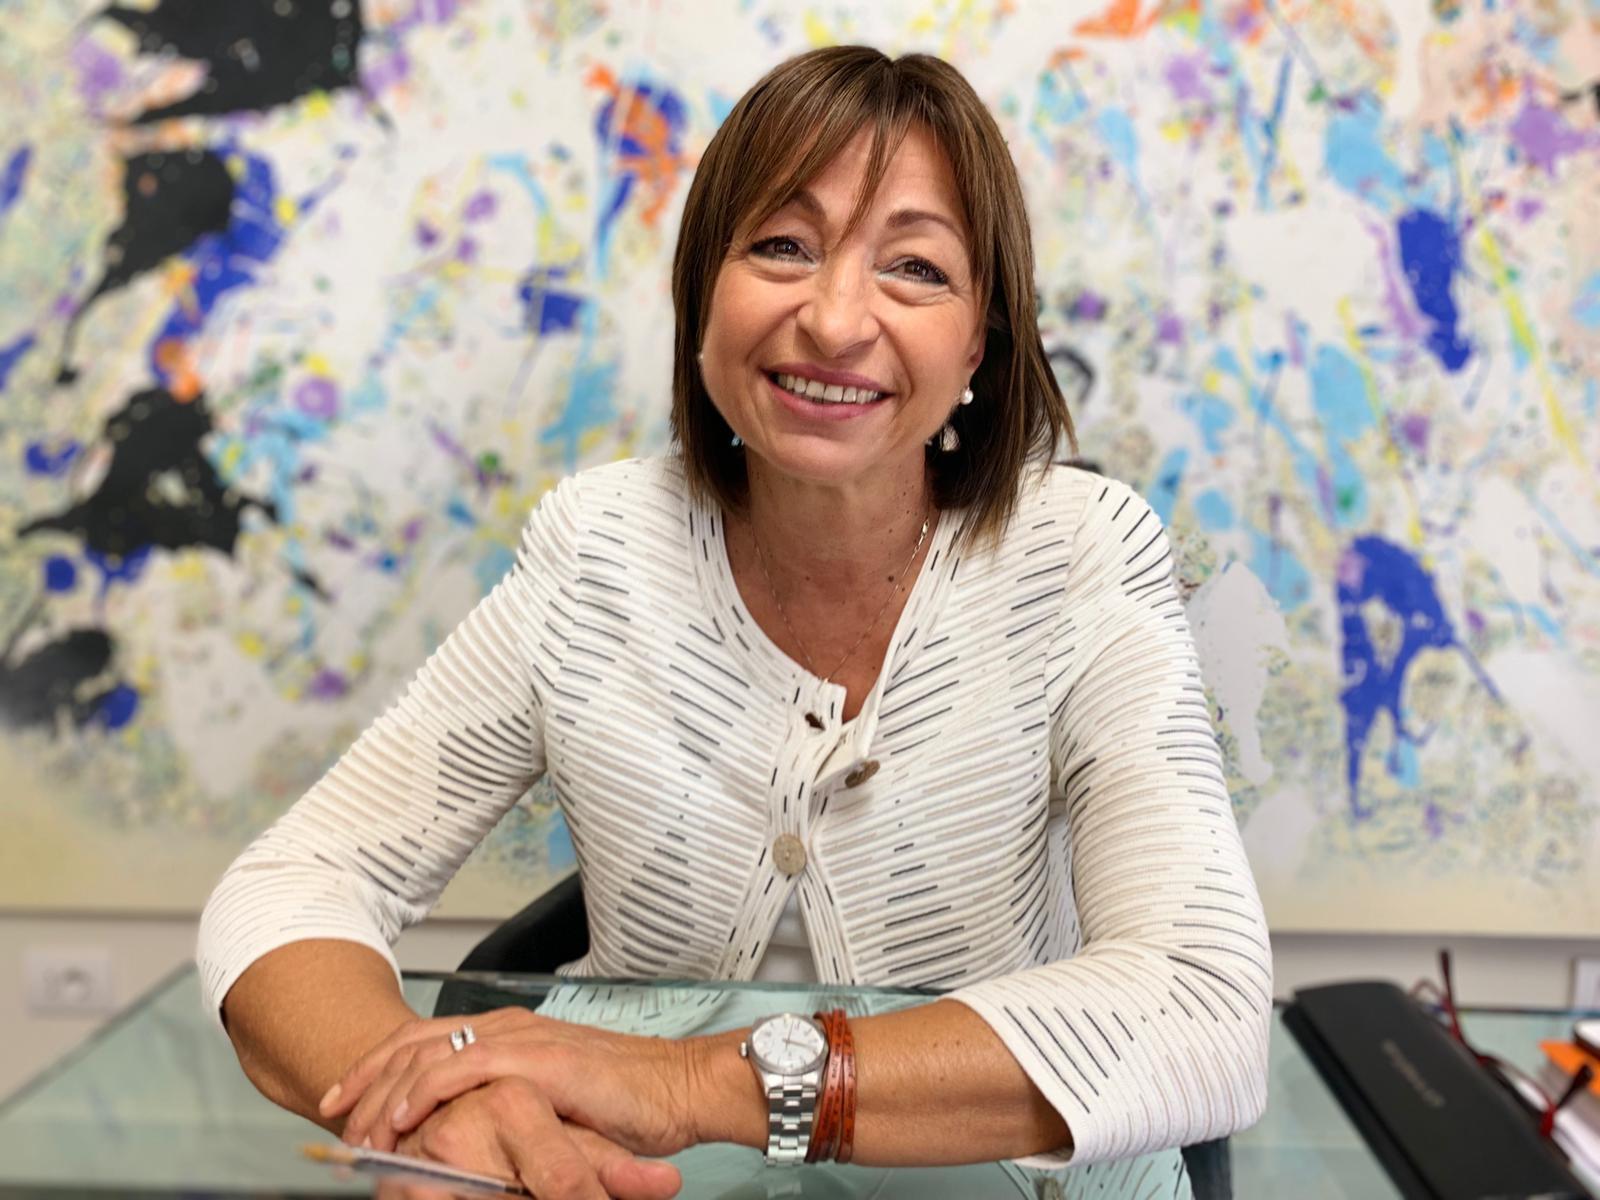 Donatella Tesei candidata a Governatrice dell'Umbria per il Centrodestra